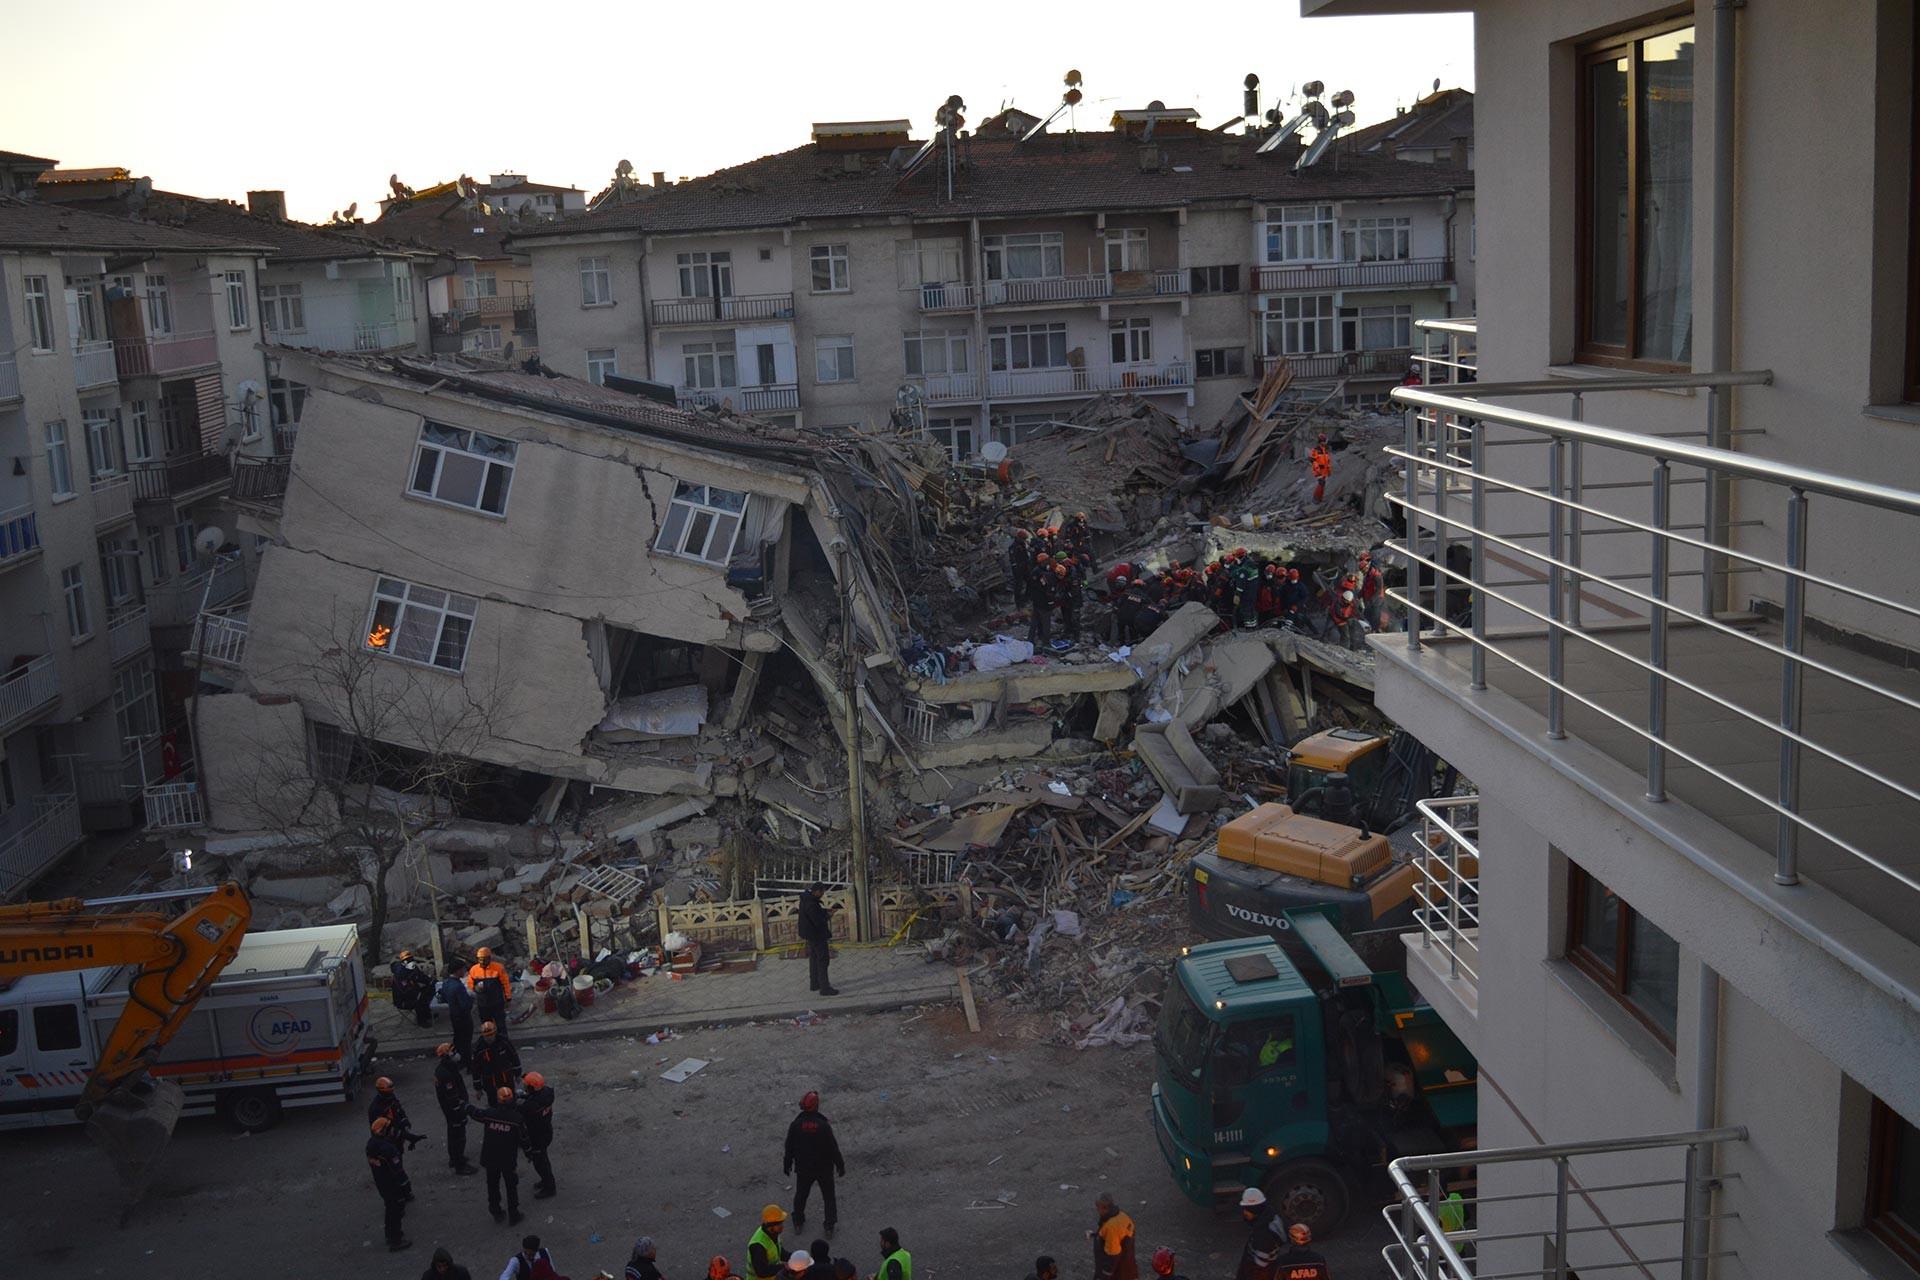 Elazığ'da meydana gelen 6.8 büyüklüğündeki depremin ardından arama kurtarma çalışmaları sürerken